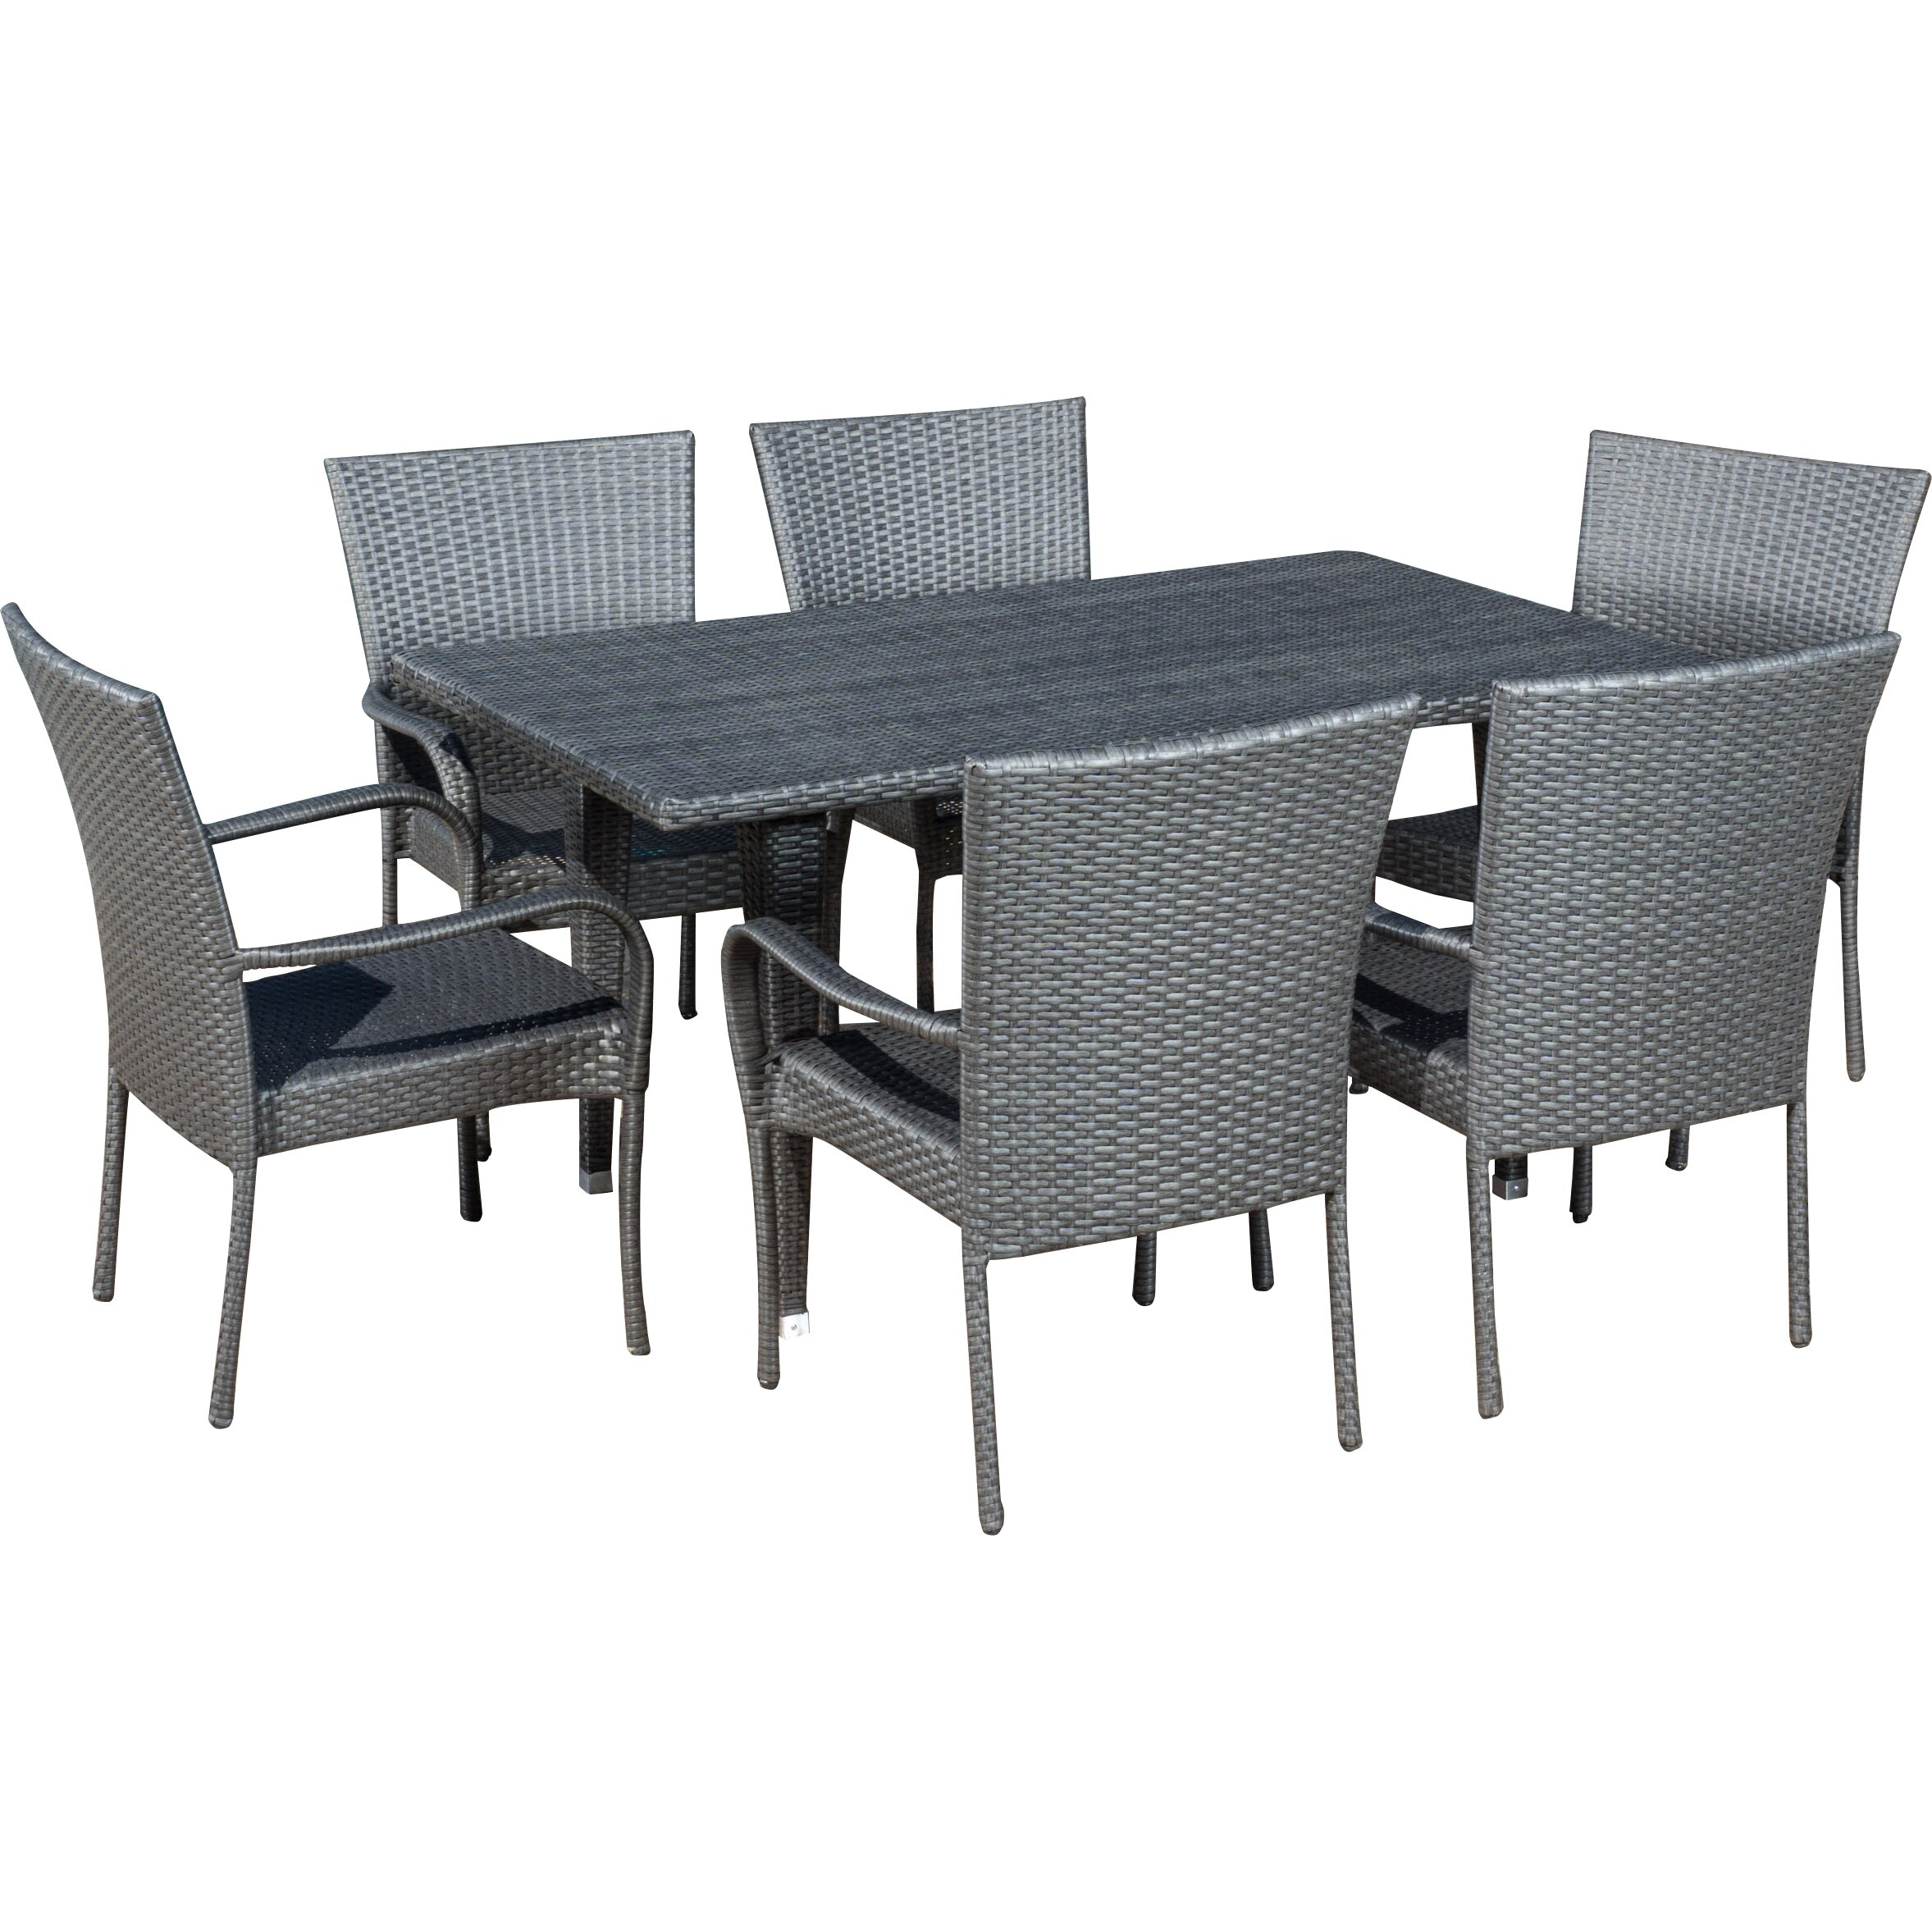 Latitude run marissa outdoor 7 piece dining set reviews for 7 piece dining set